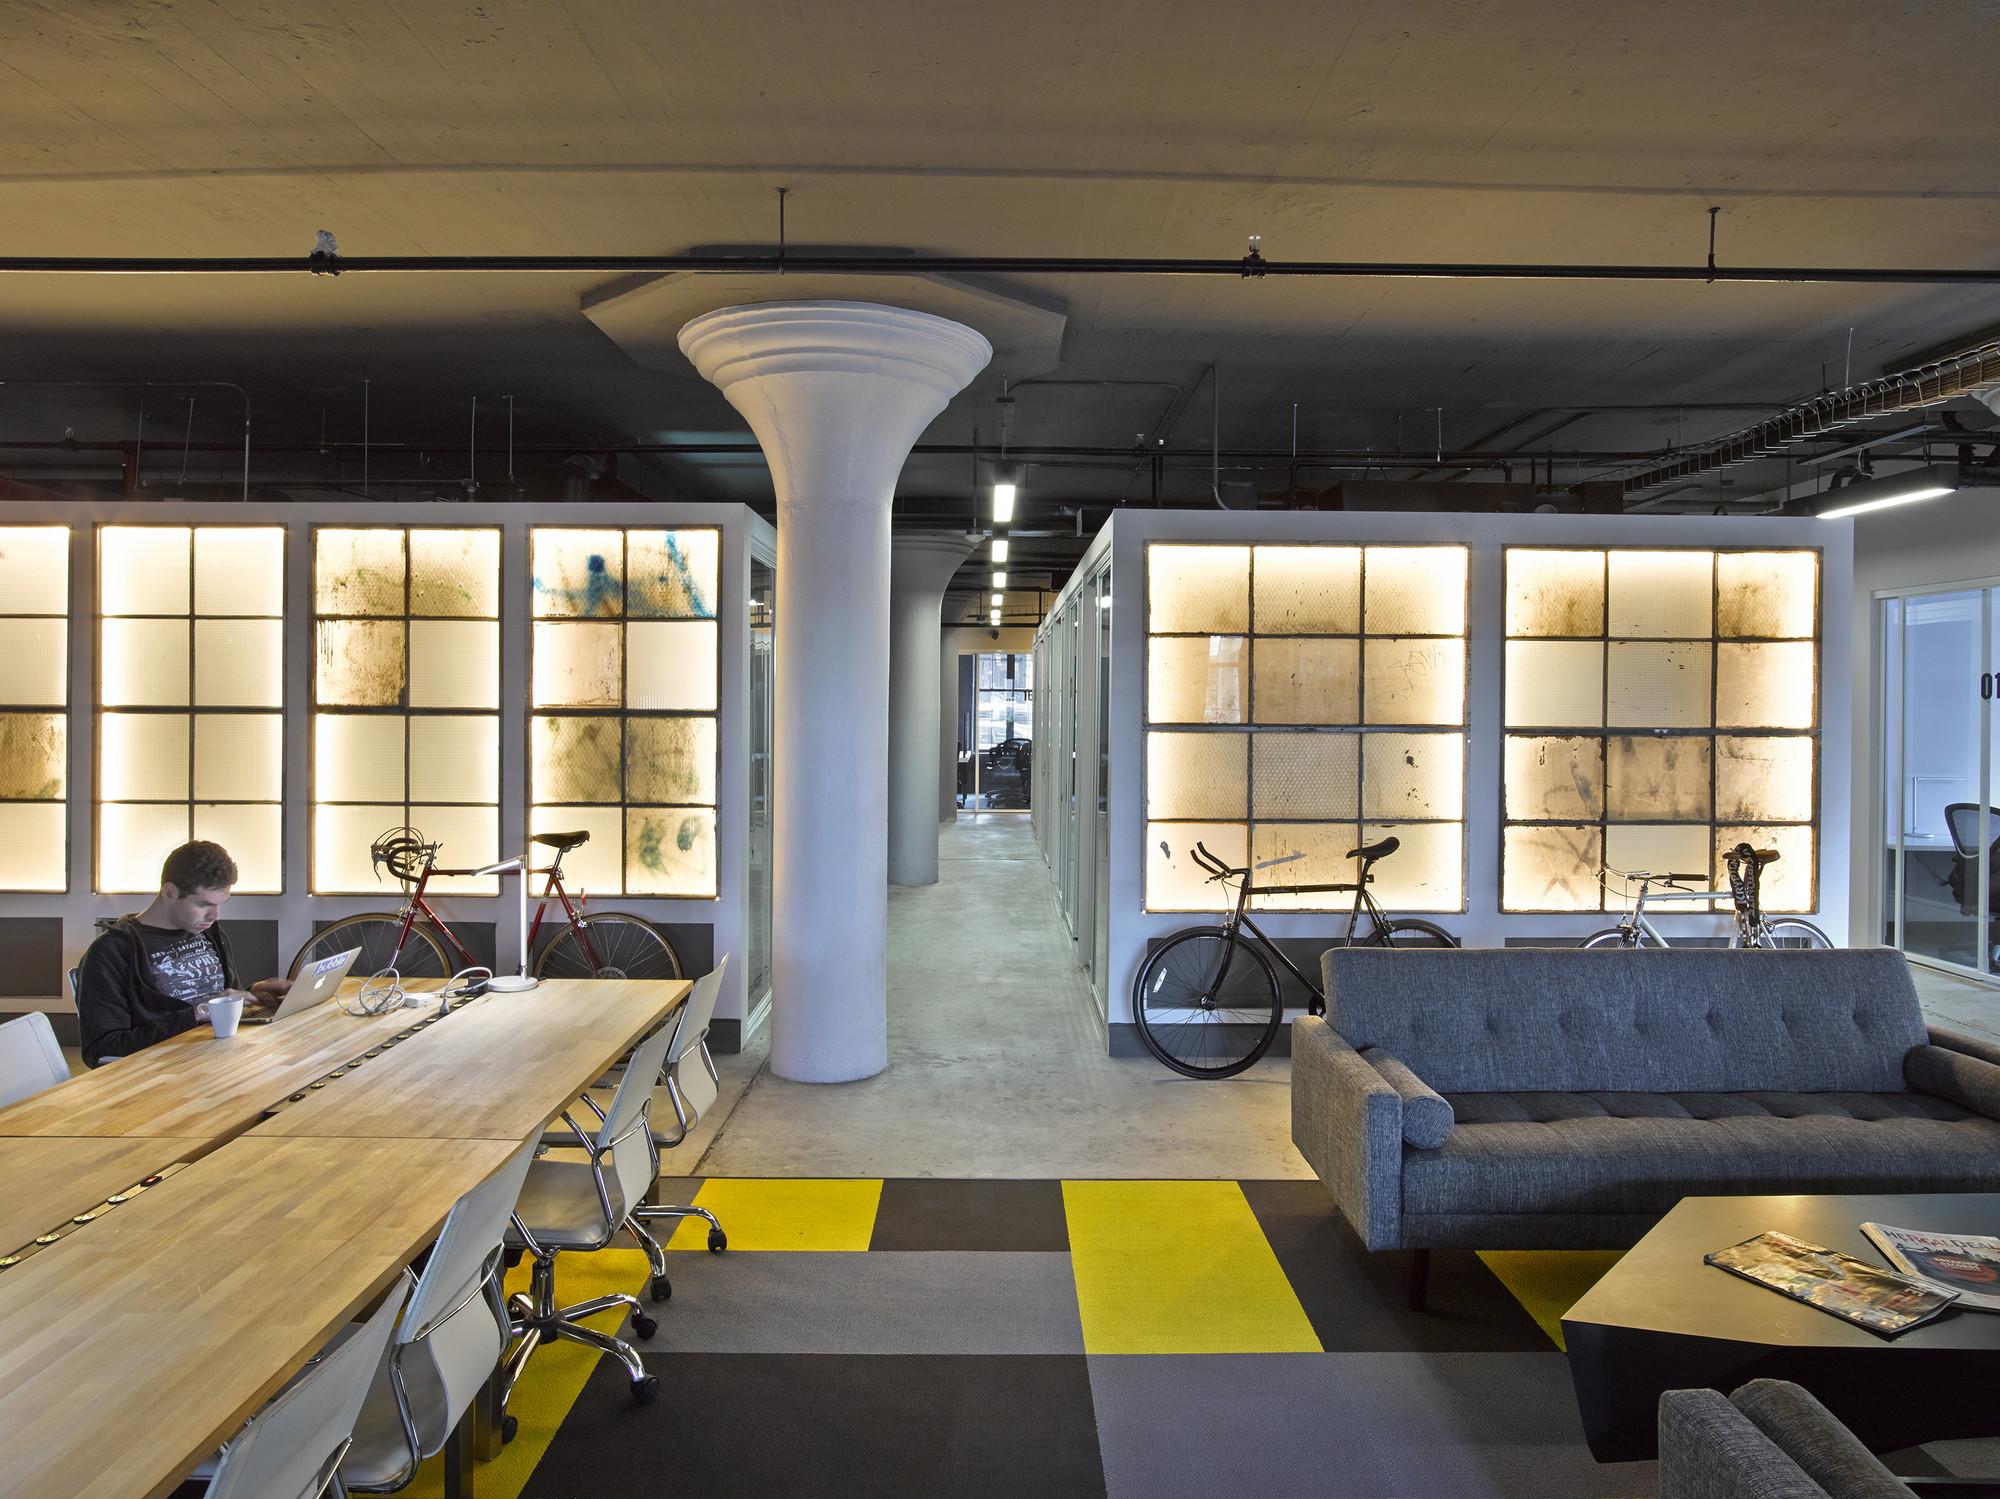 Brooklyn Desks / STUDIOSC, © Garrett Rowland